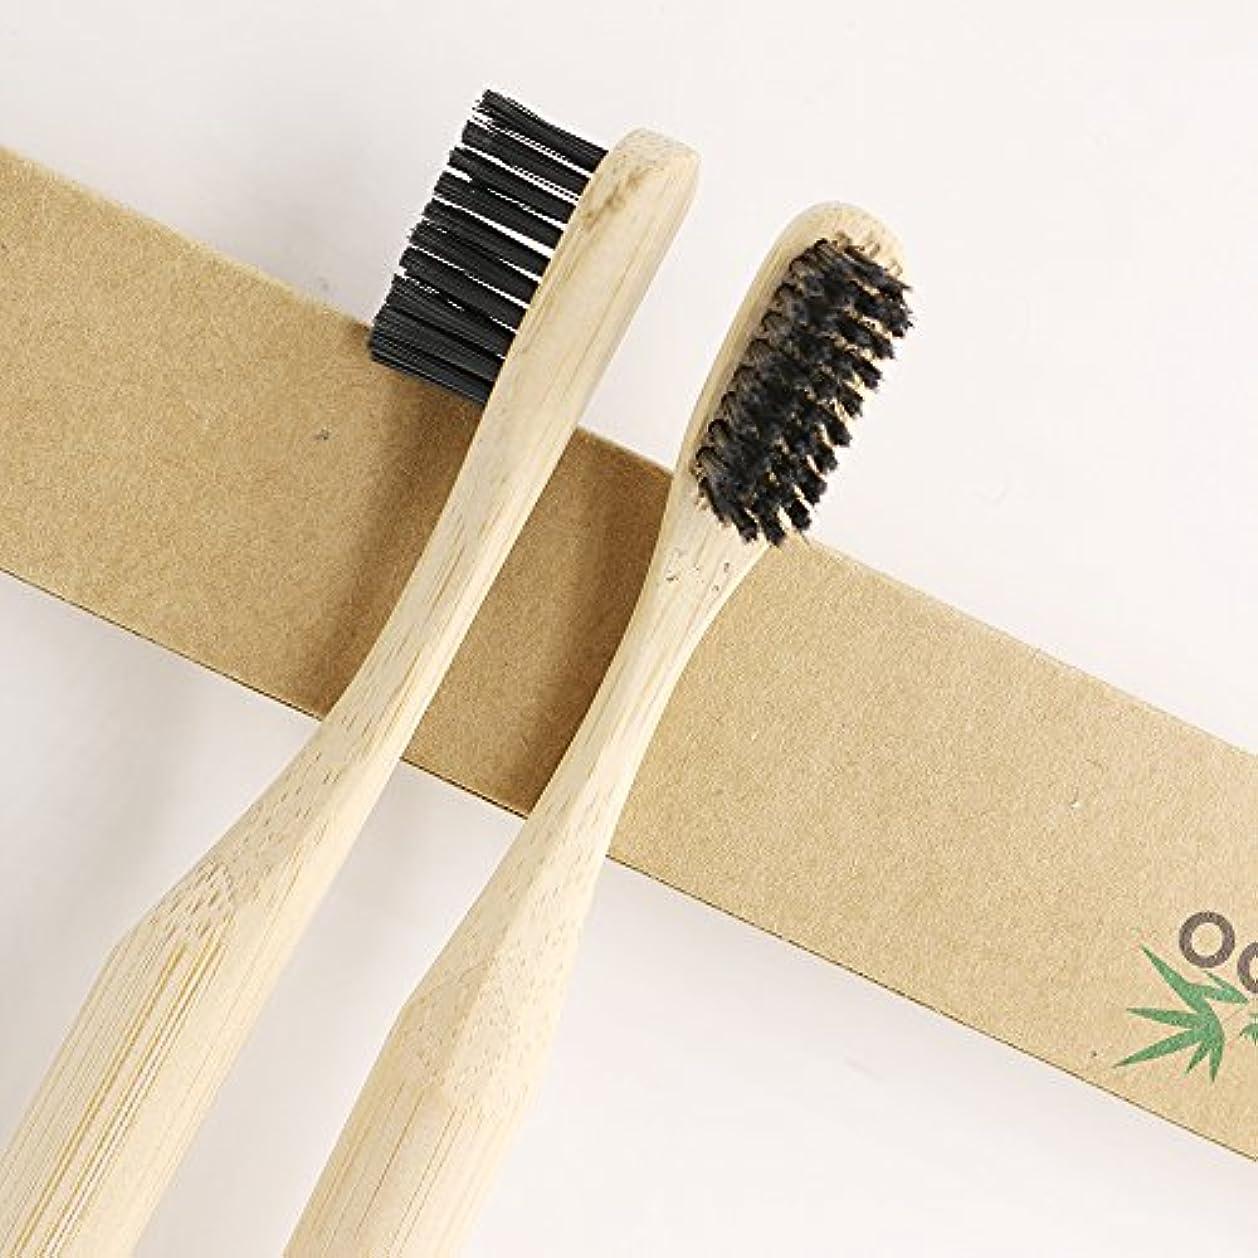 プライバシー安全一流N-amboo 竹製耐久度高い 歯ブラシ  2本入り セット 黒い